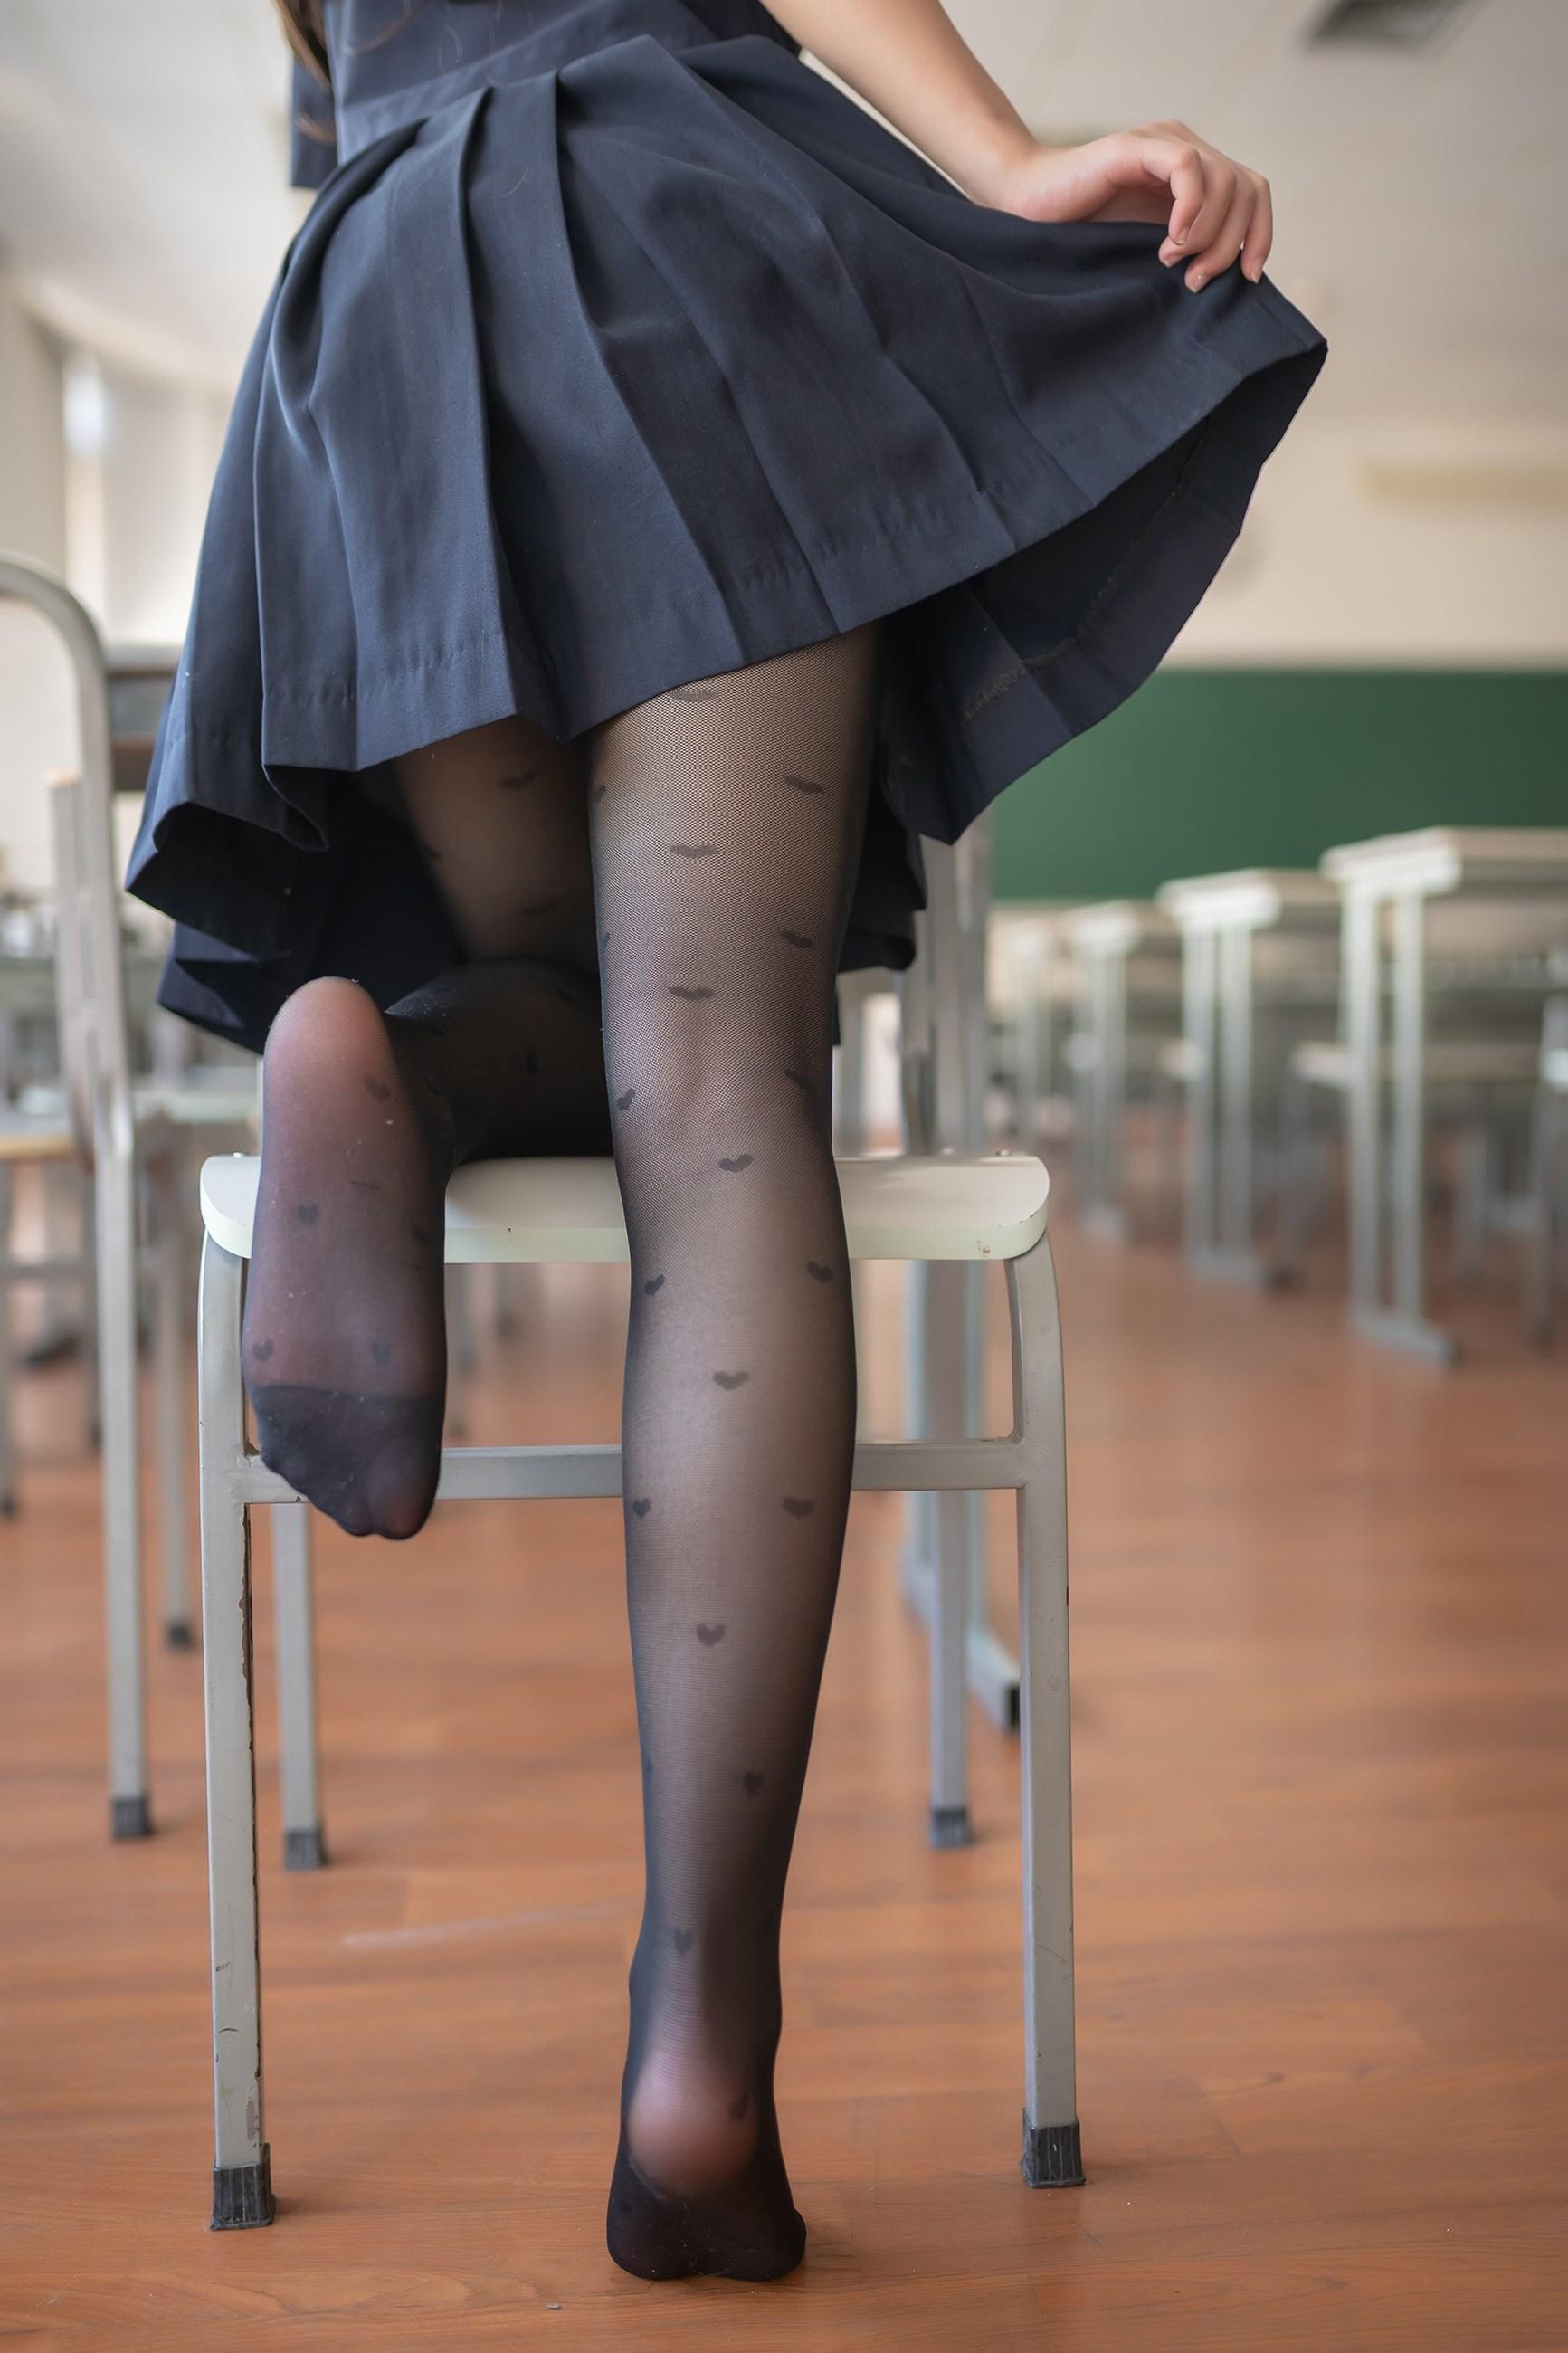 【兔玩映画】教室里的黑丝JK 兔玩映画 第12张